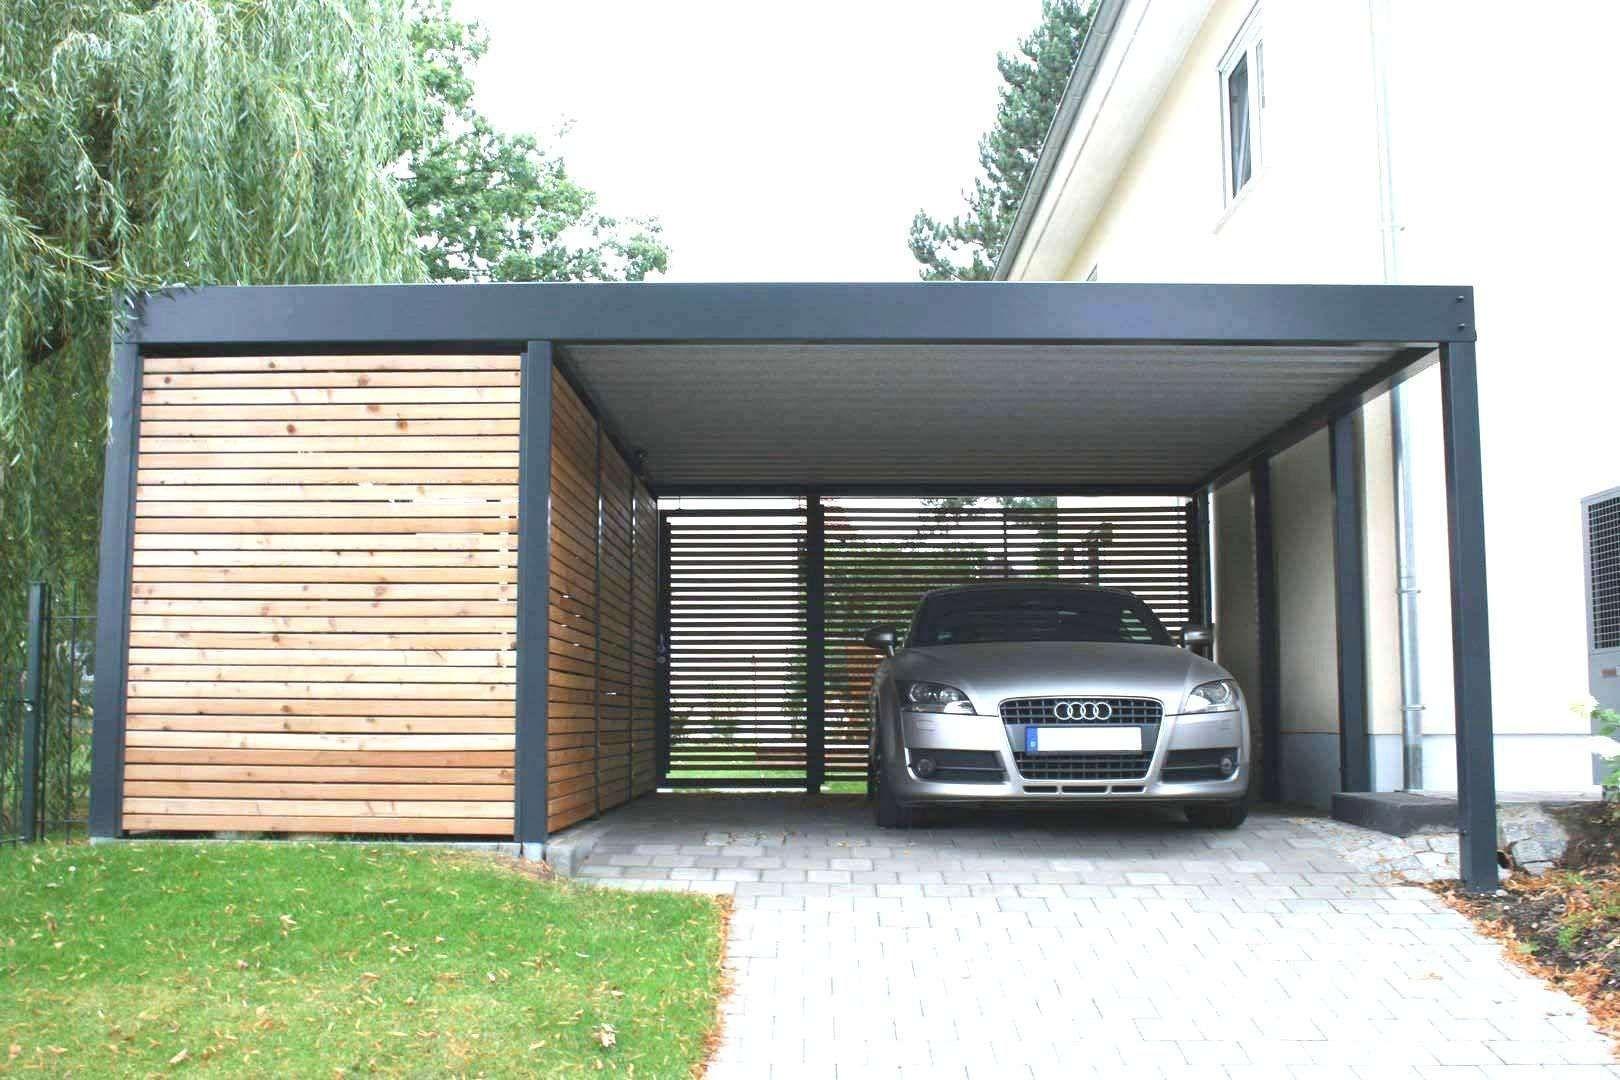 Carport With Roller Door Cost 2021 In 2020 Carport Designs Modern Garage Modern Carport